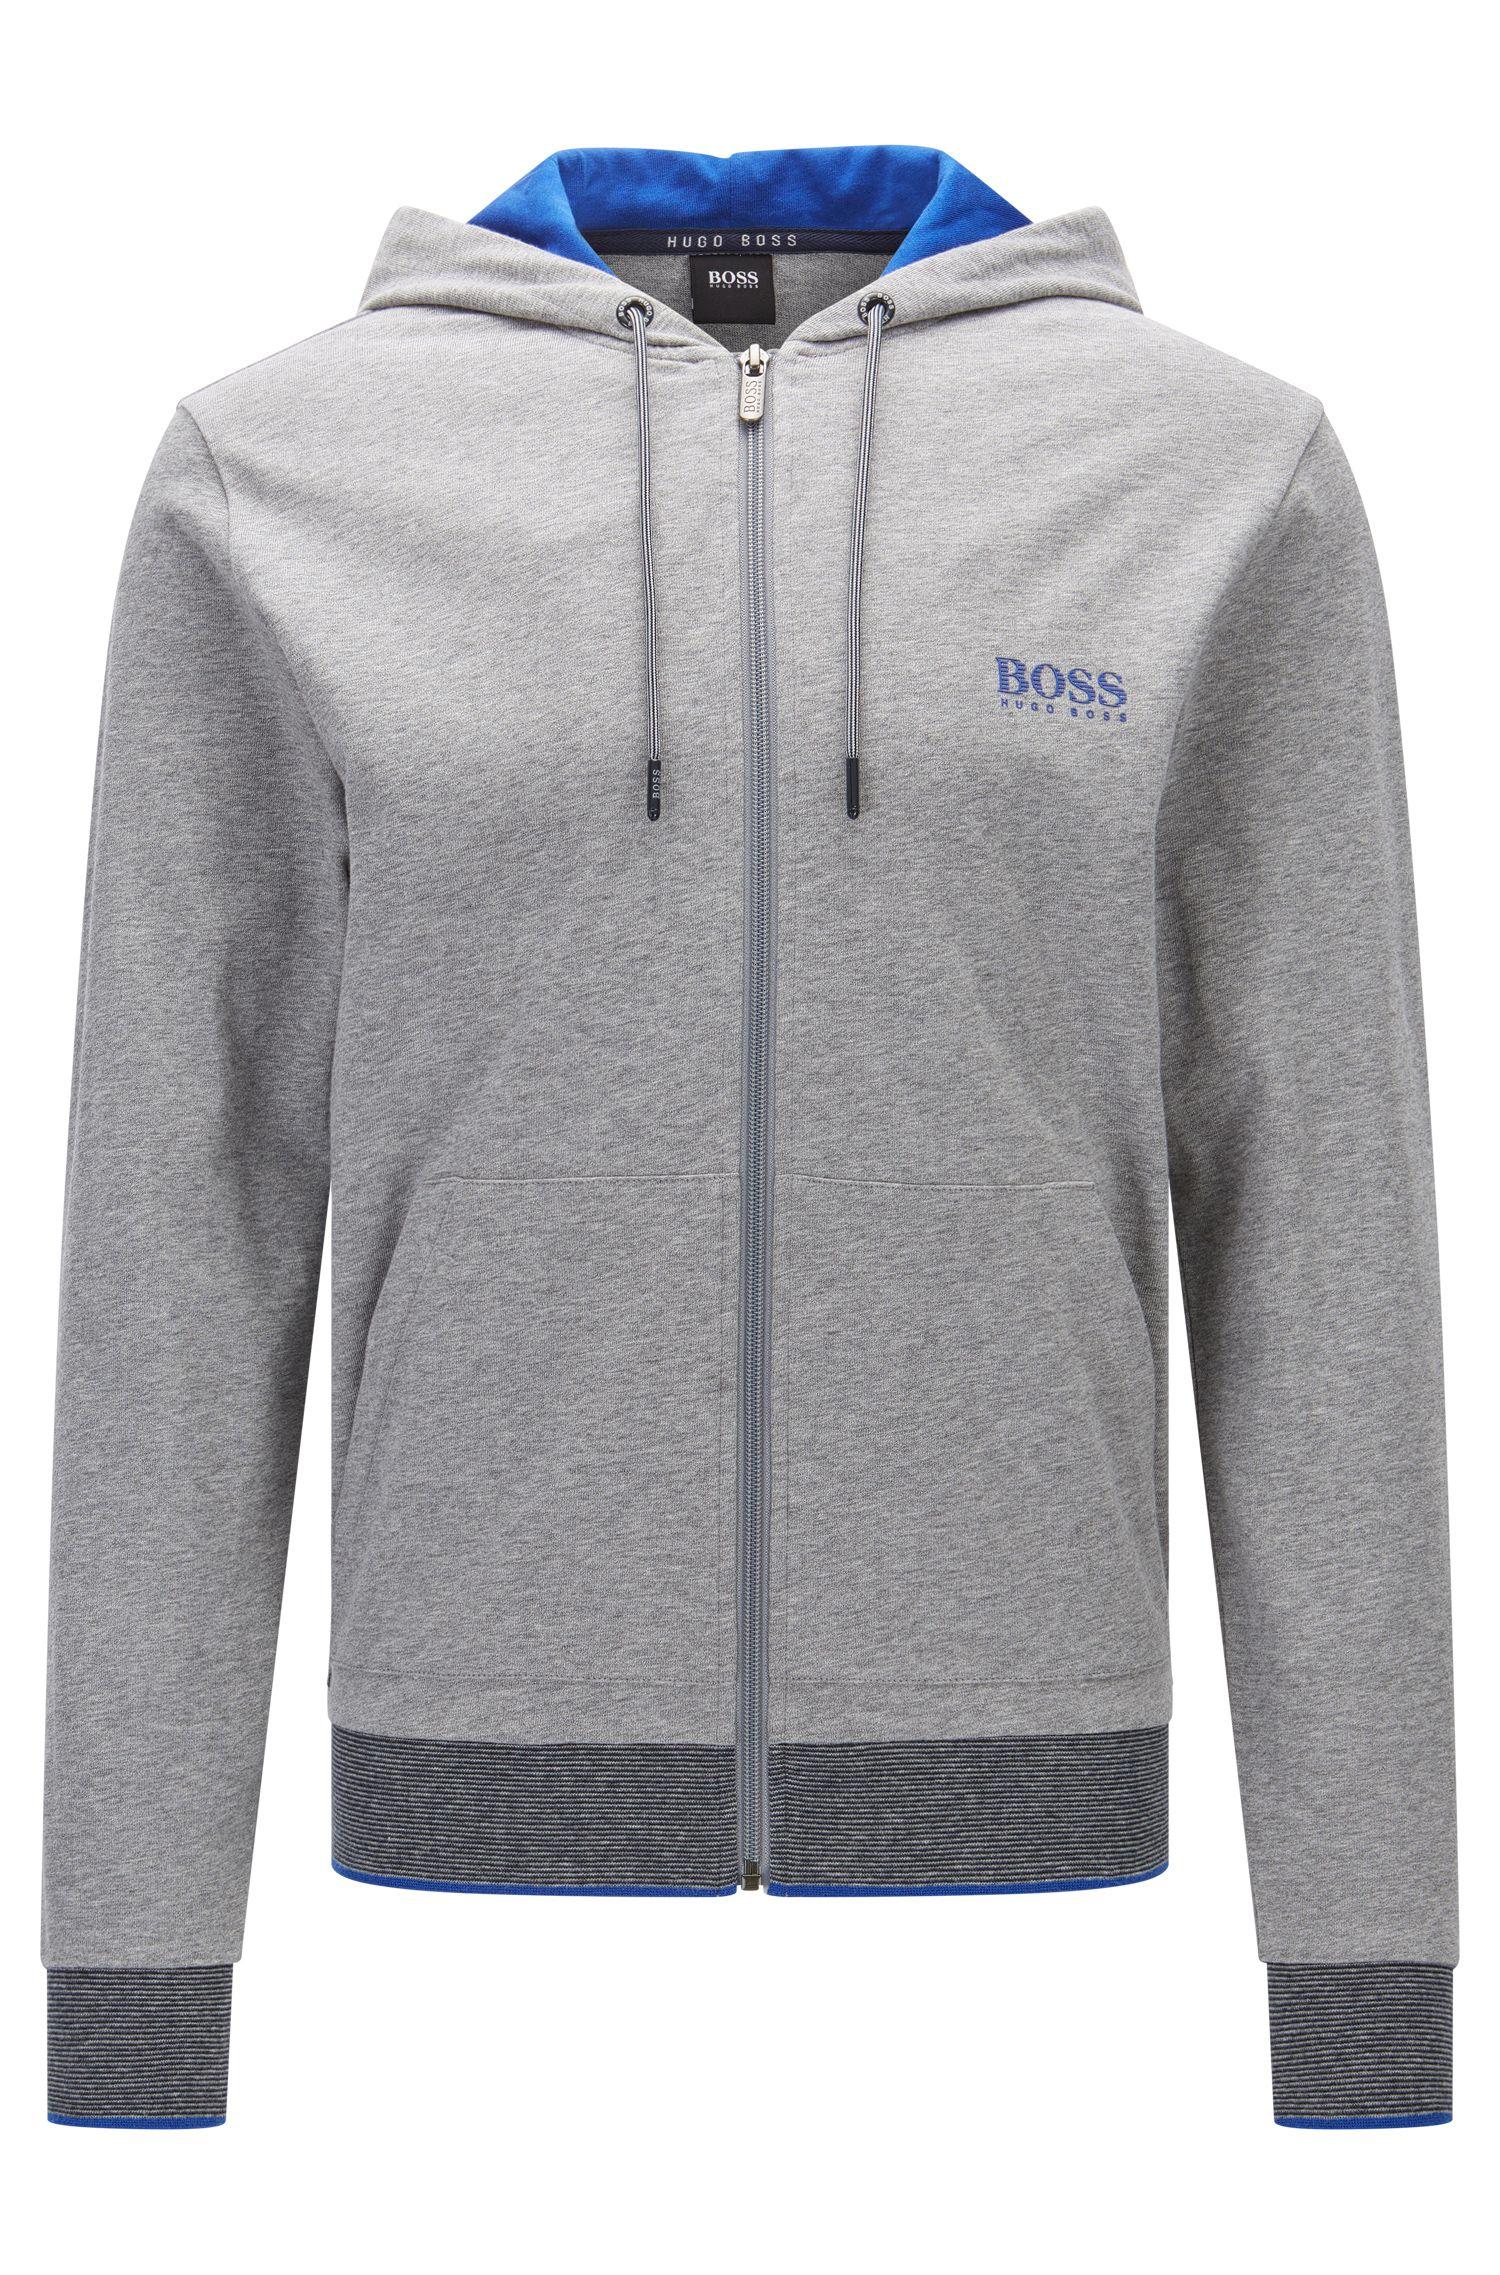 Regular-Fit Kapuzen-Sweatshirt aus Baumwoll-Jersey mit Reißverschluss